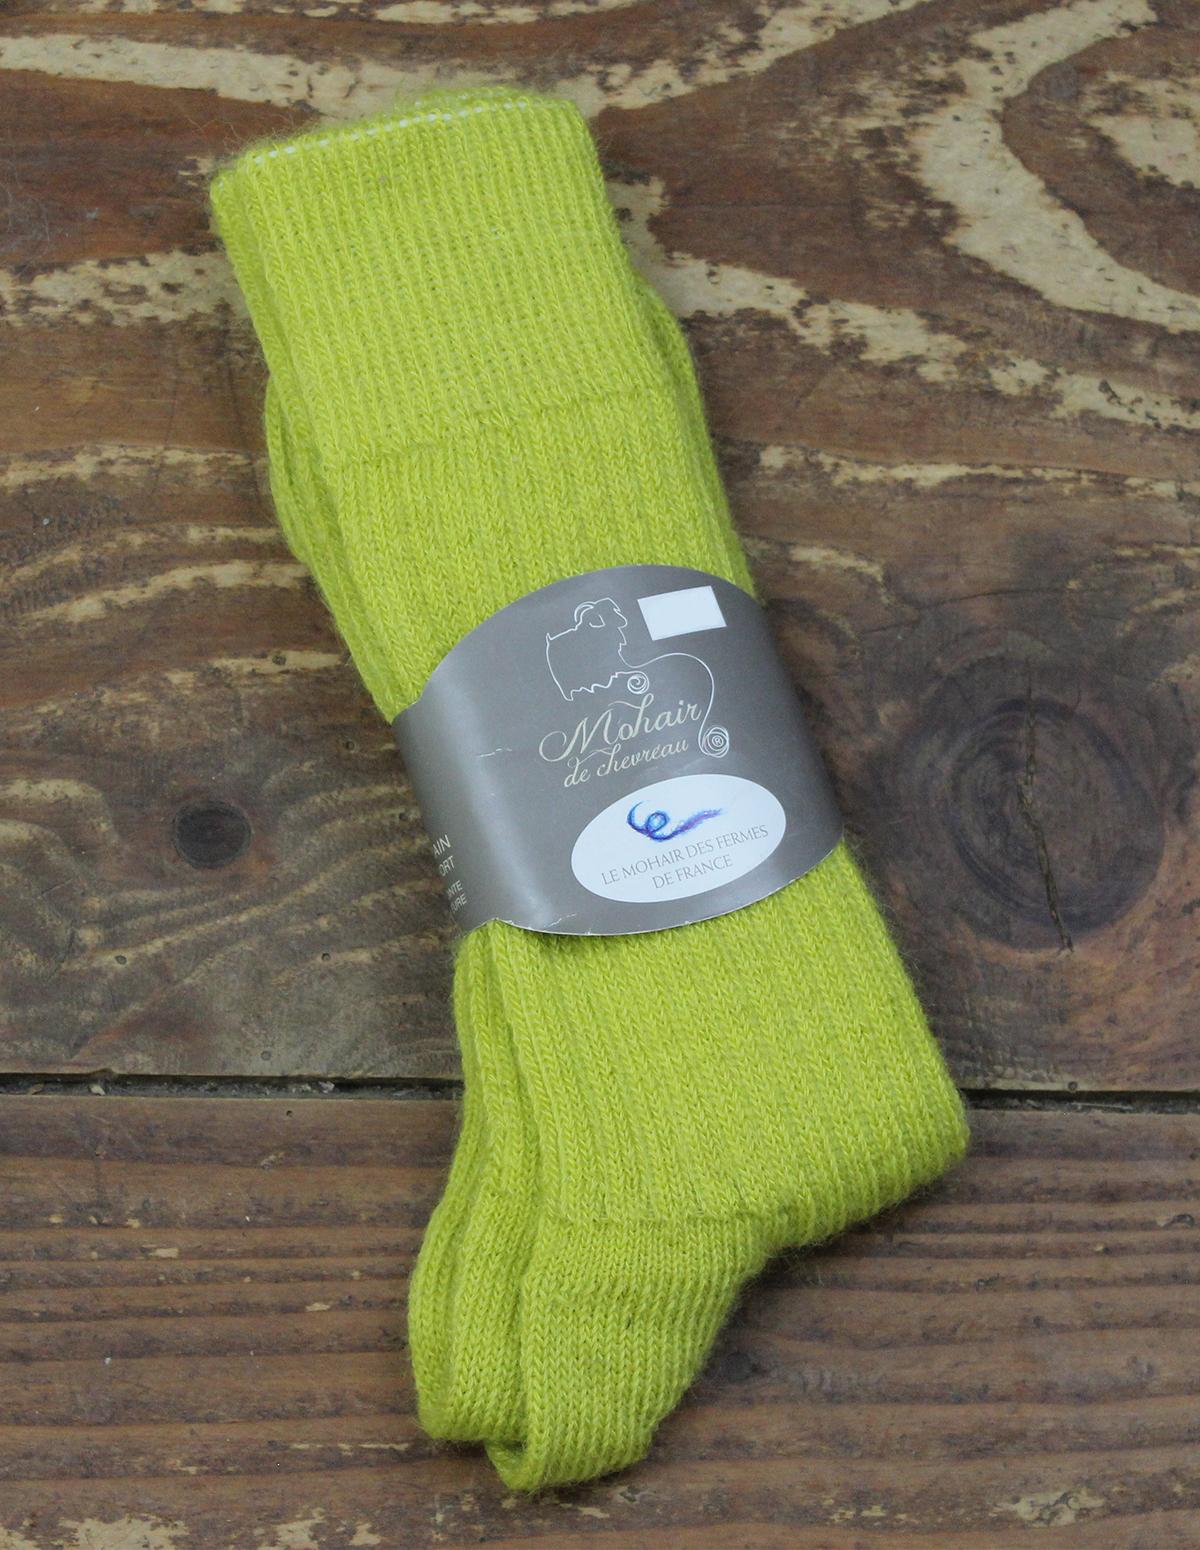 Chaussettes-fines-Mohair-Absinthe-3-Une-Ferme-a-la-Bassette